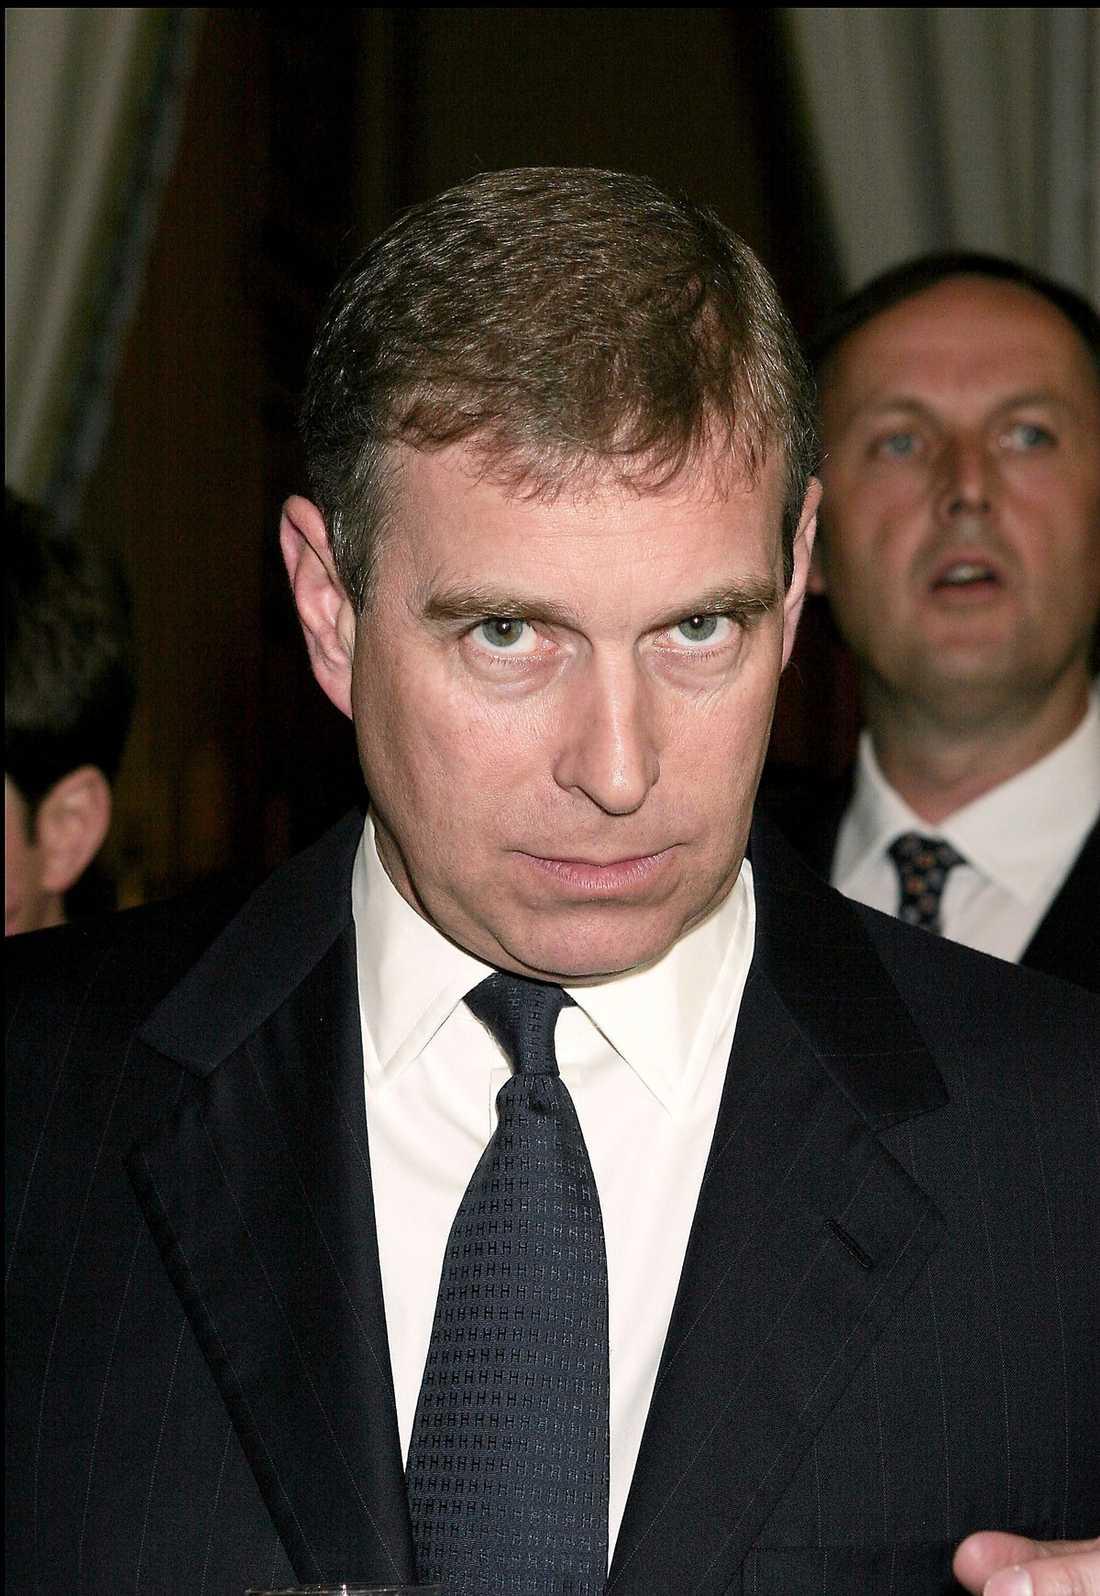 Prins Andrew – William och Harrys farbror.